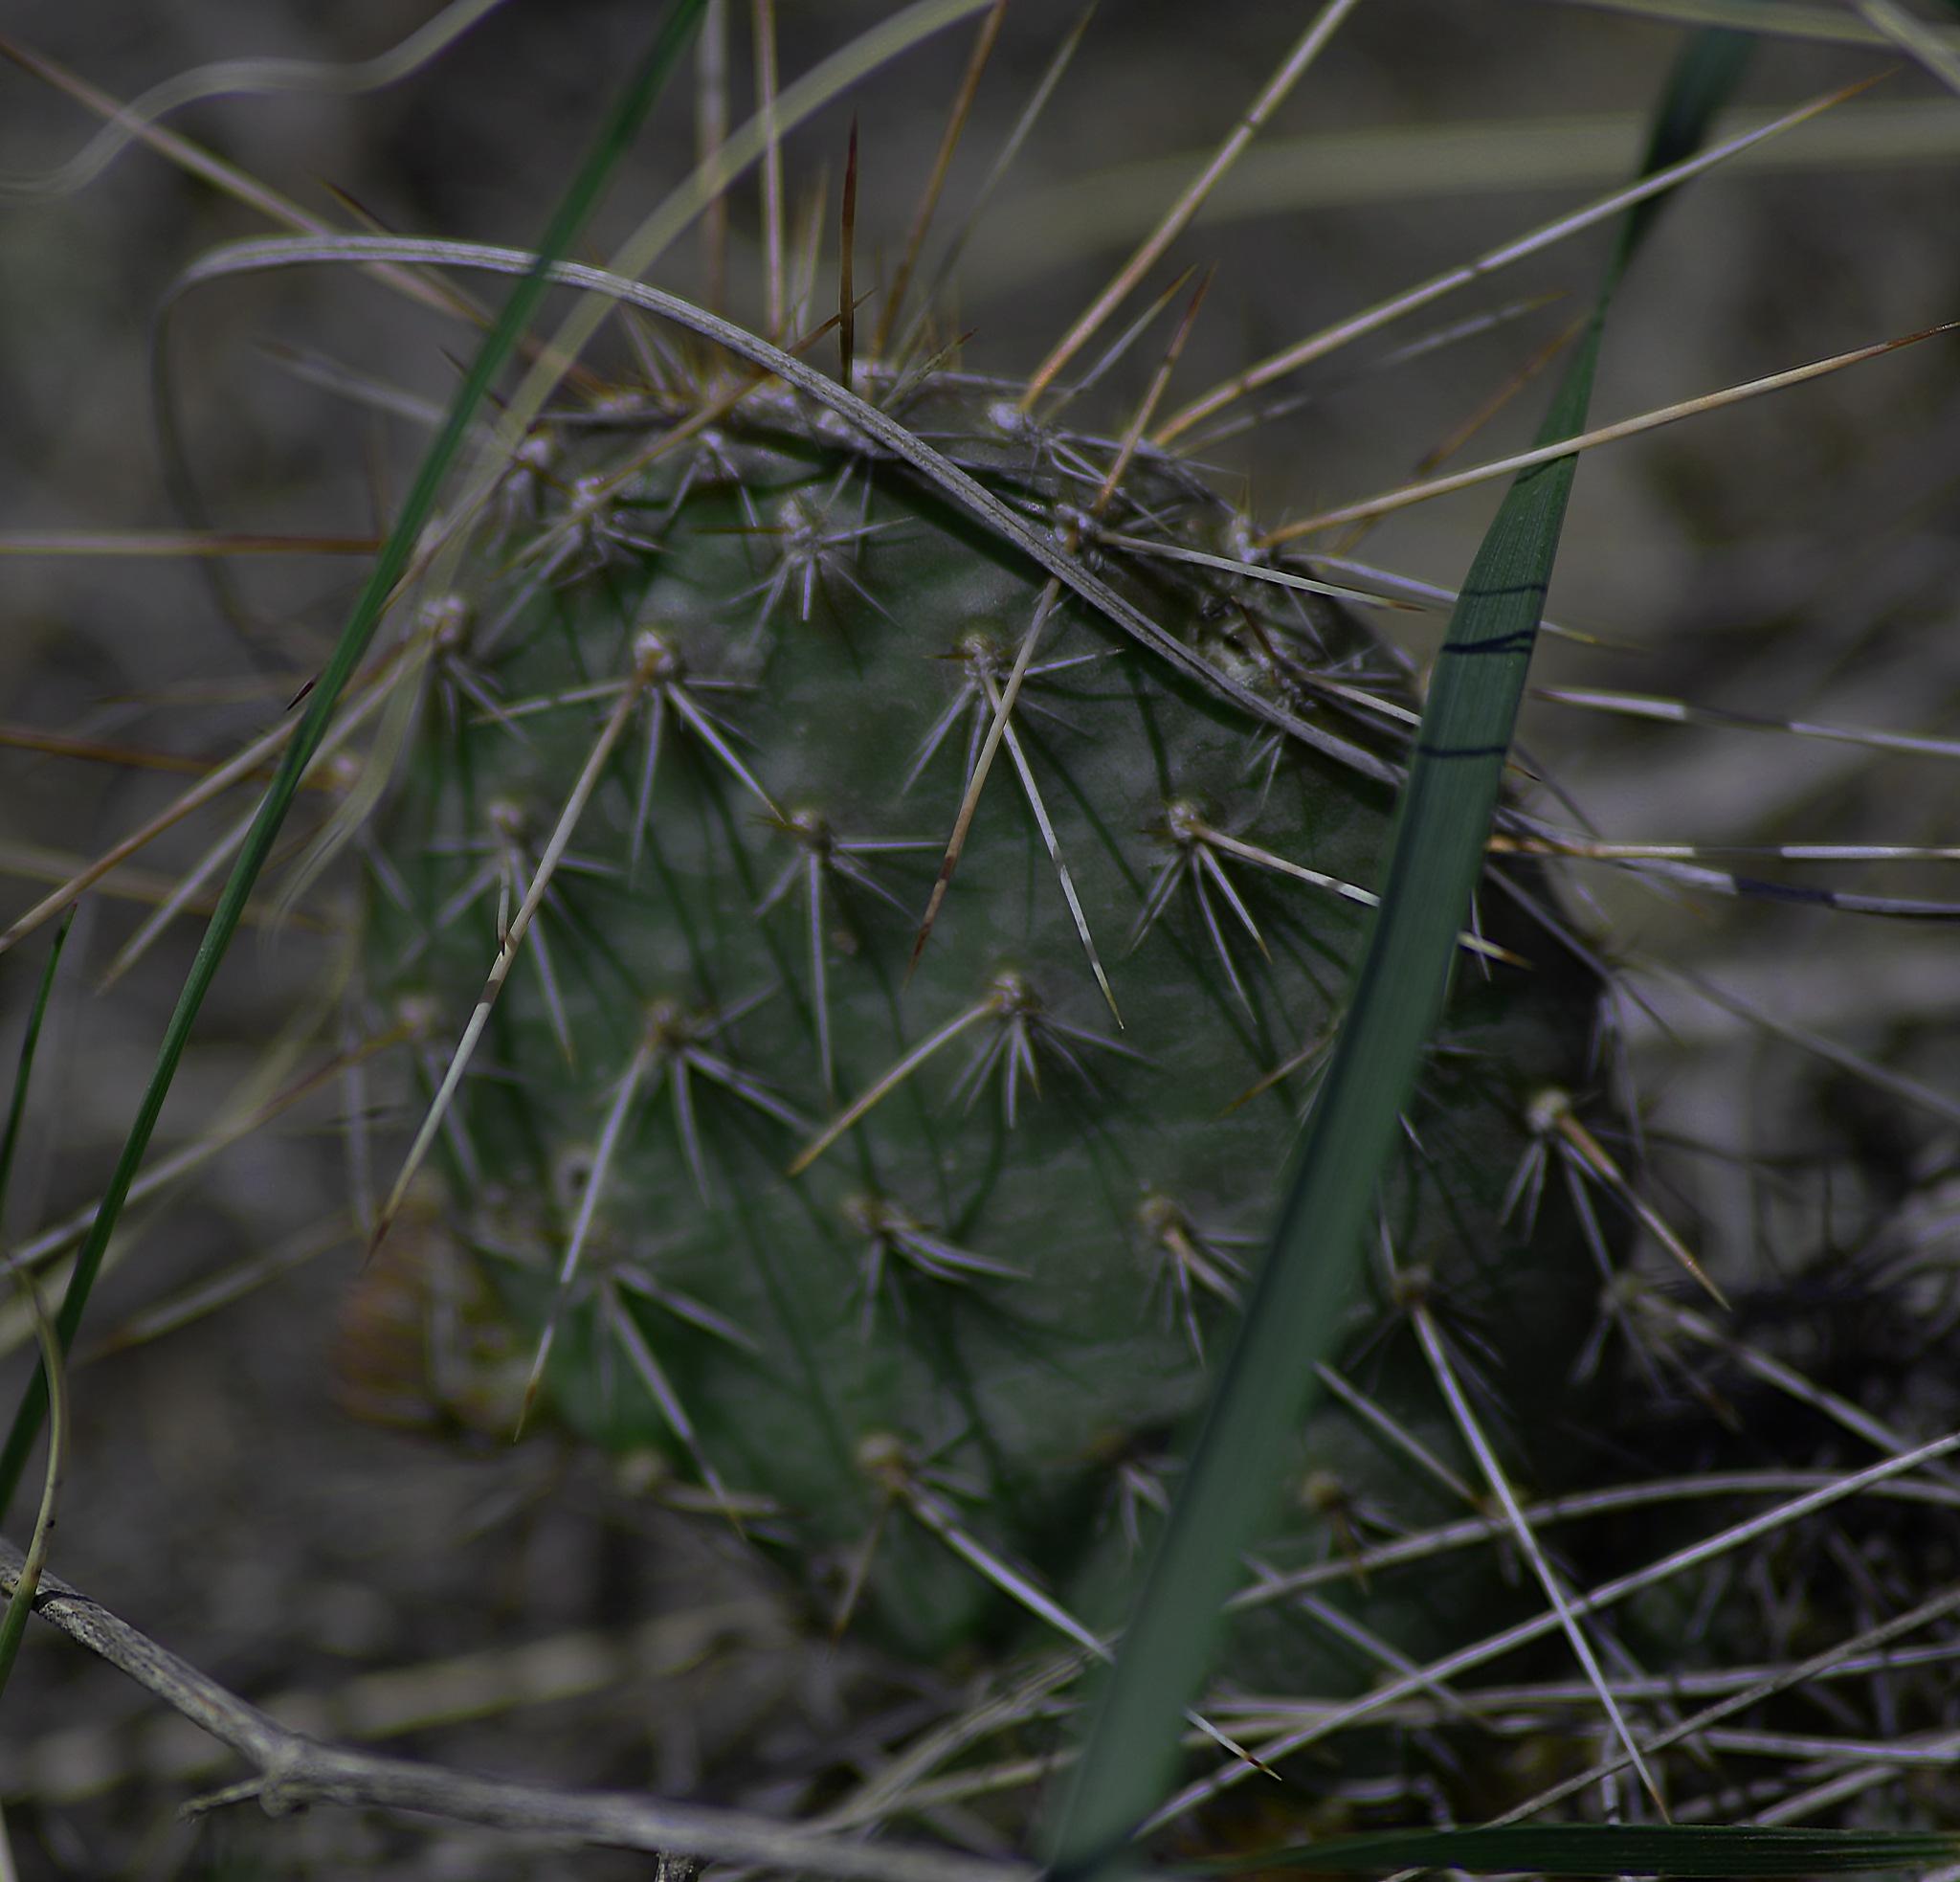 Cactus by Dan Archer